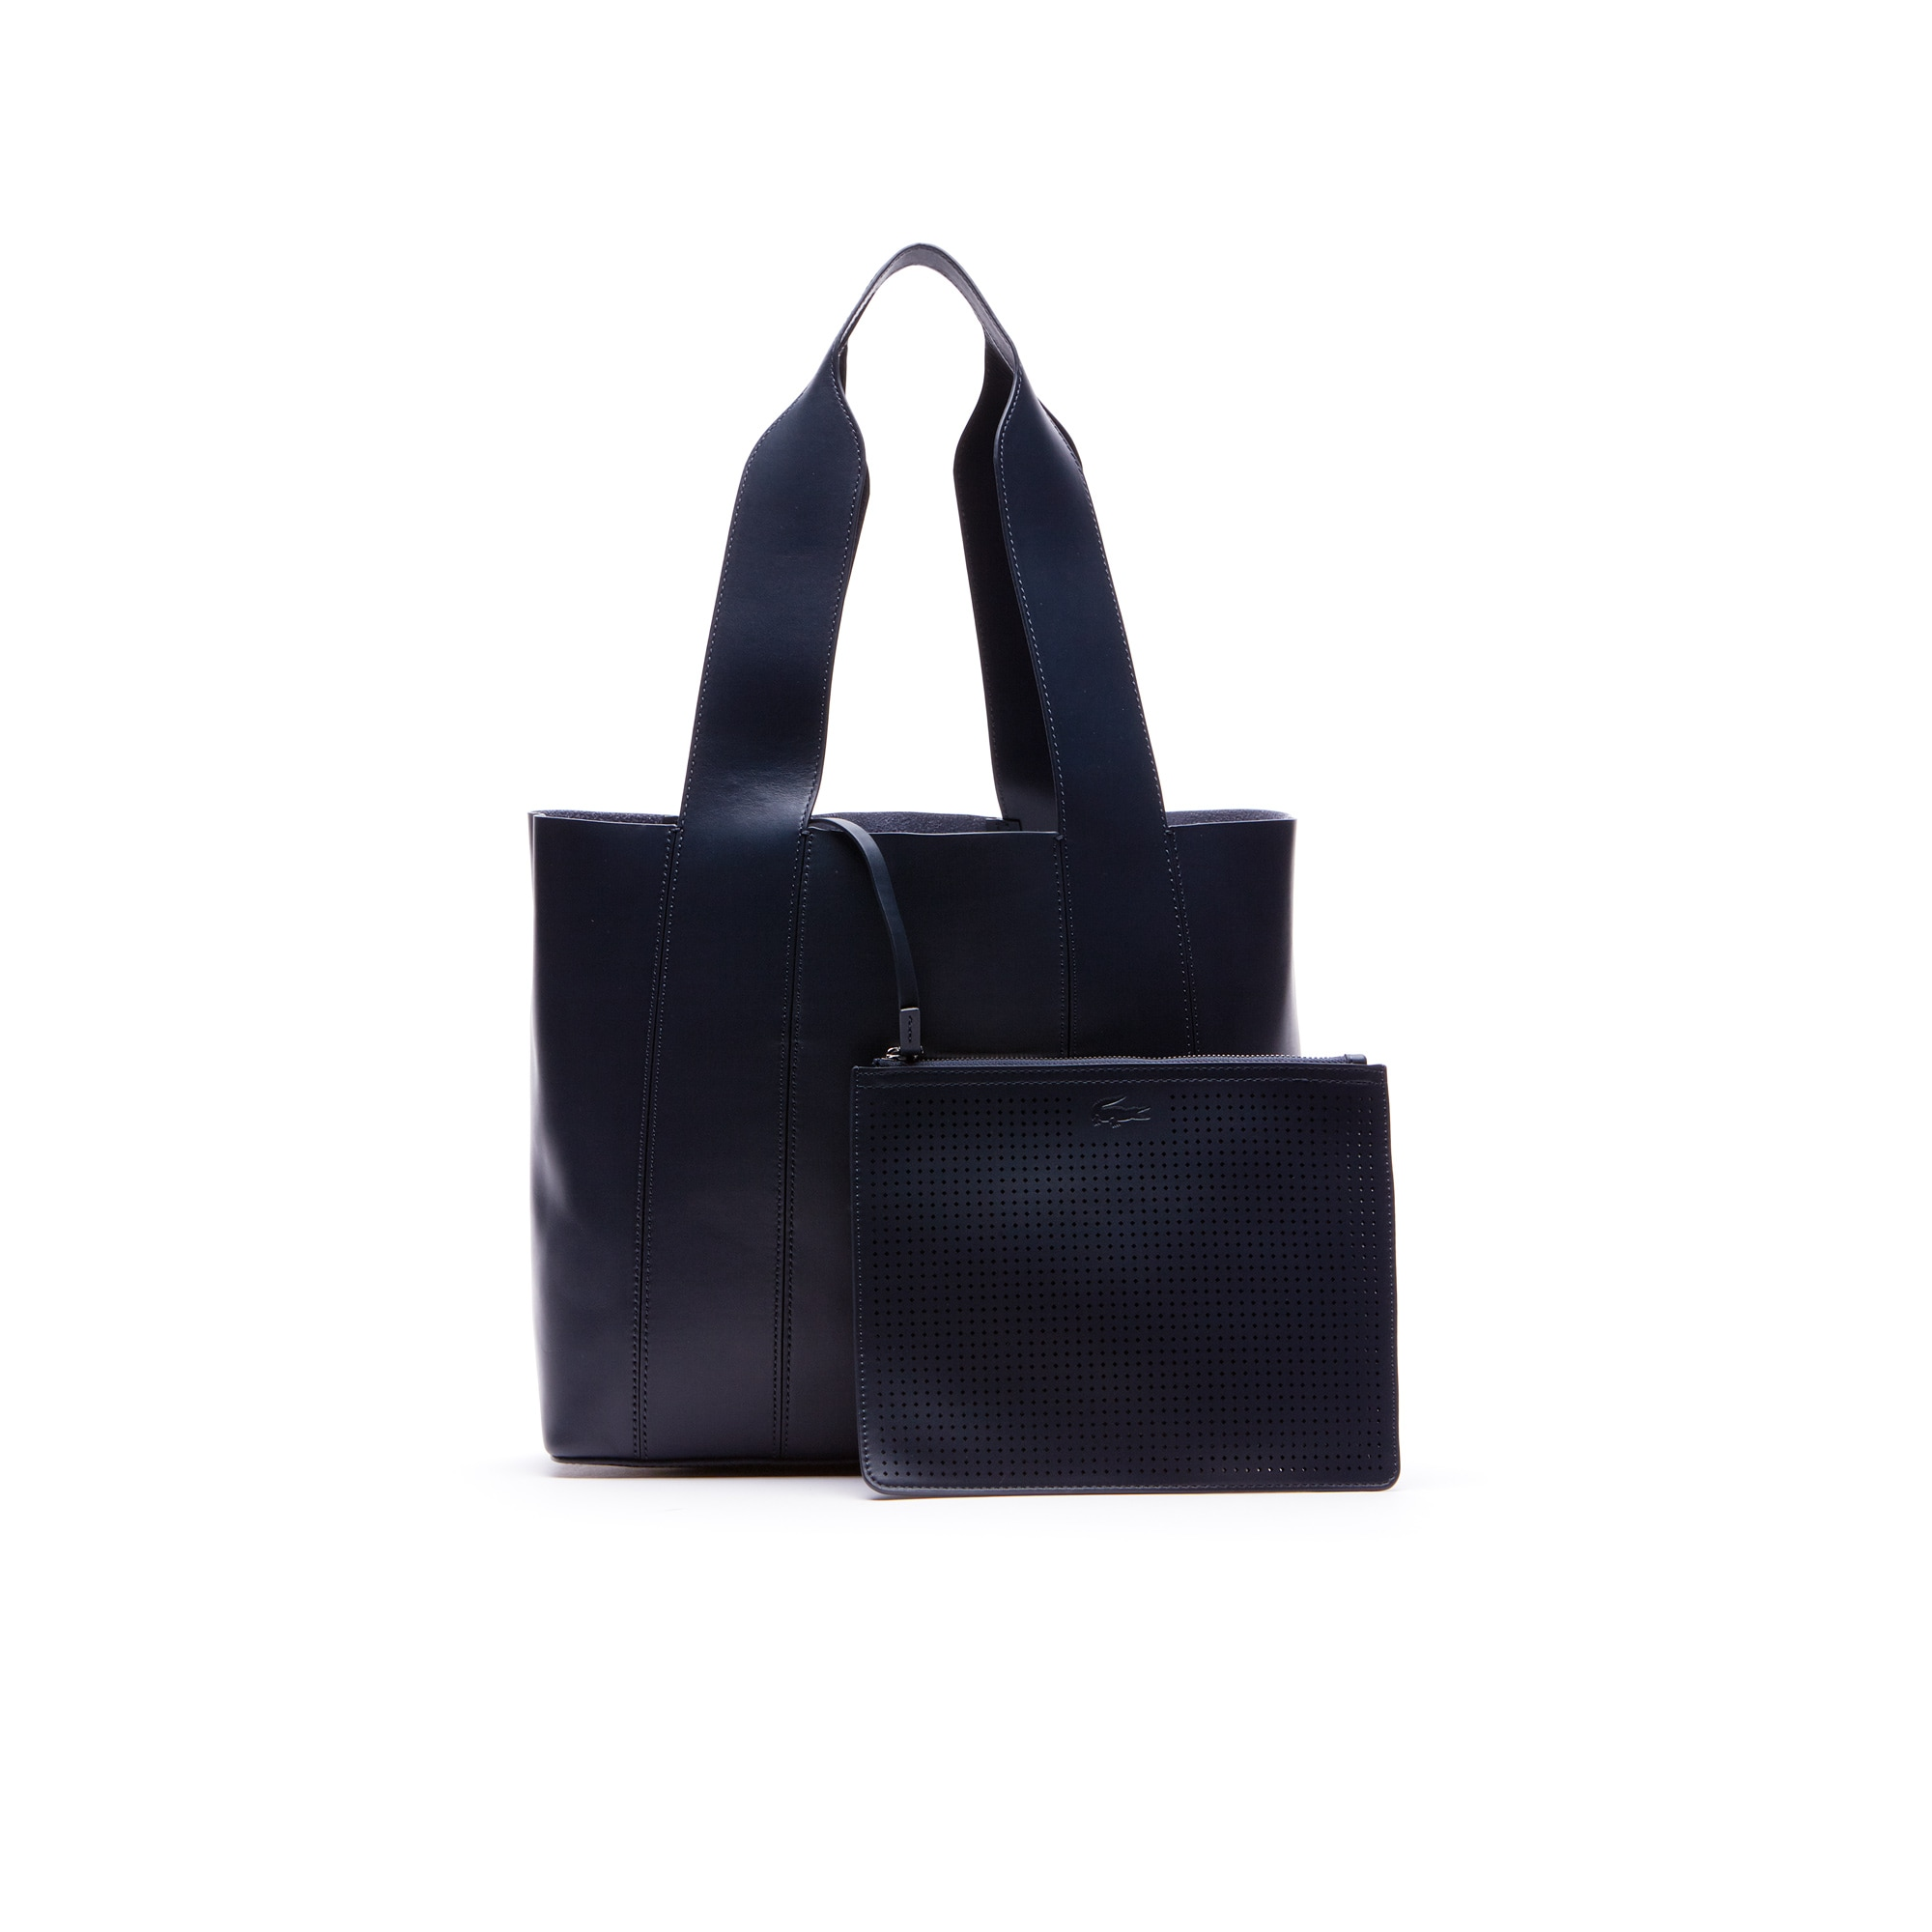 Shopping bag Purity in pelle morbida monocroma